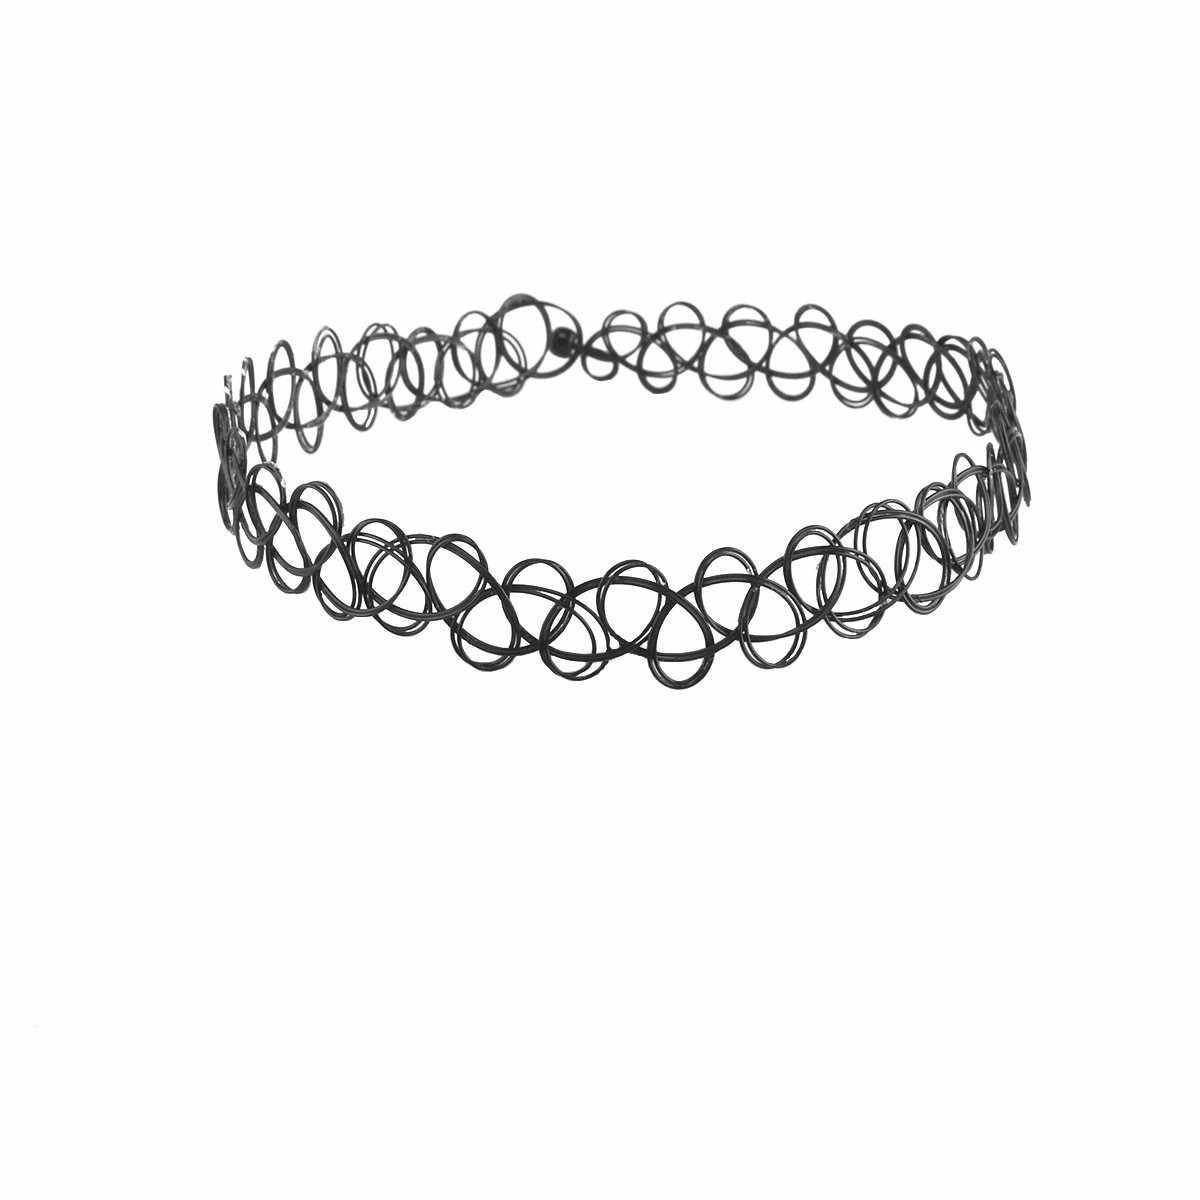 ファッション鎖骨円形アンクレット脚ホリデーシーサイドリゾートビーチジュエリーウォータードロップ糸引き